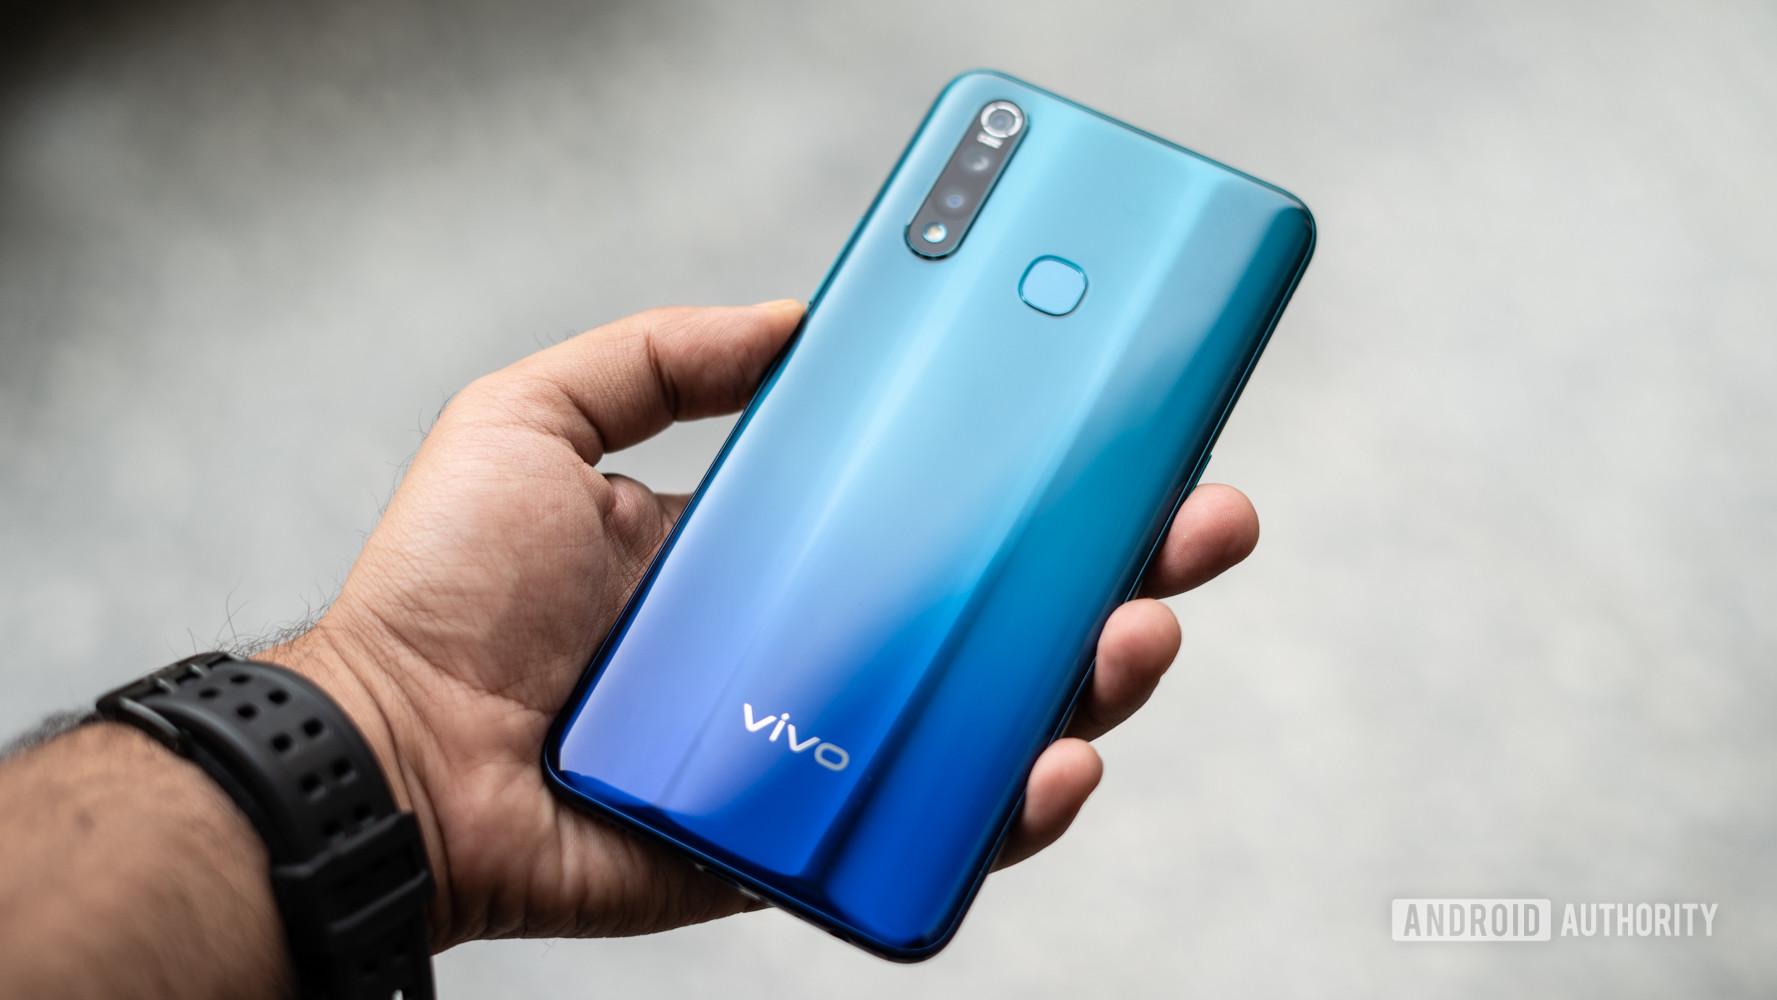 Vivo Z1 Pro back of phone in hand